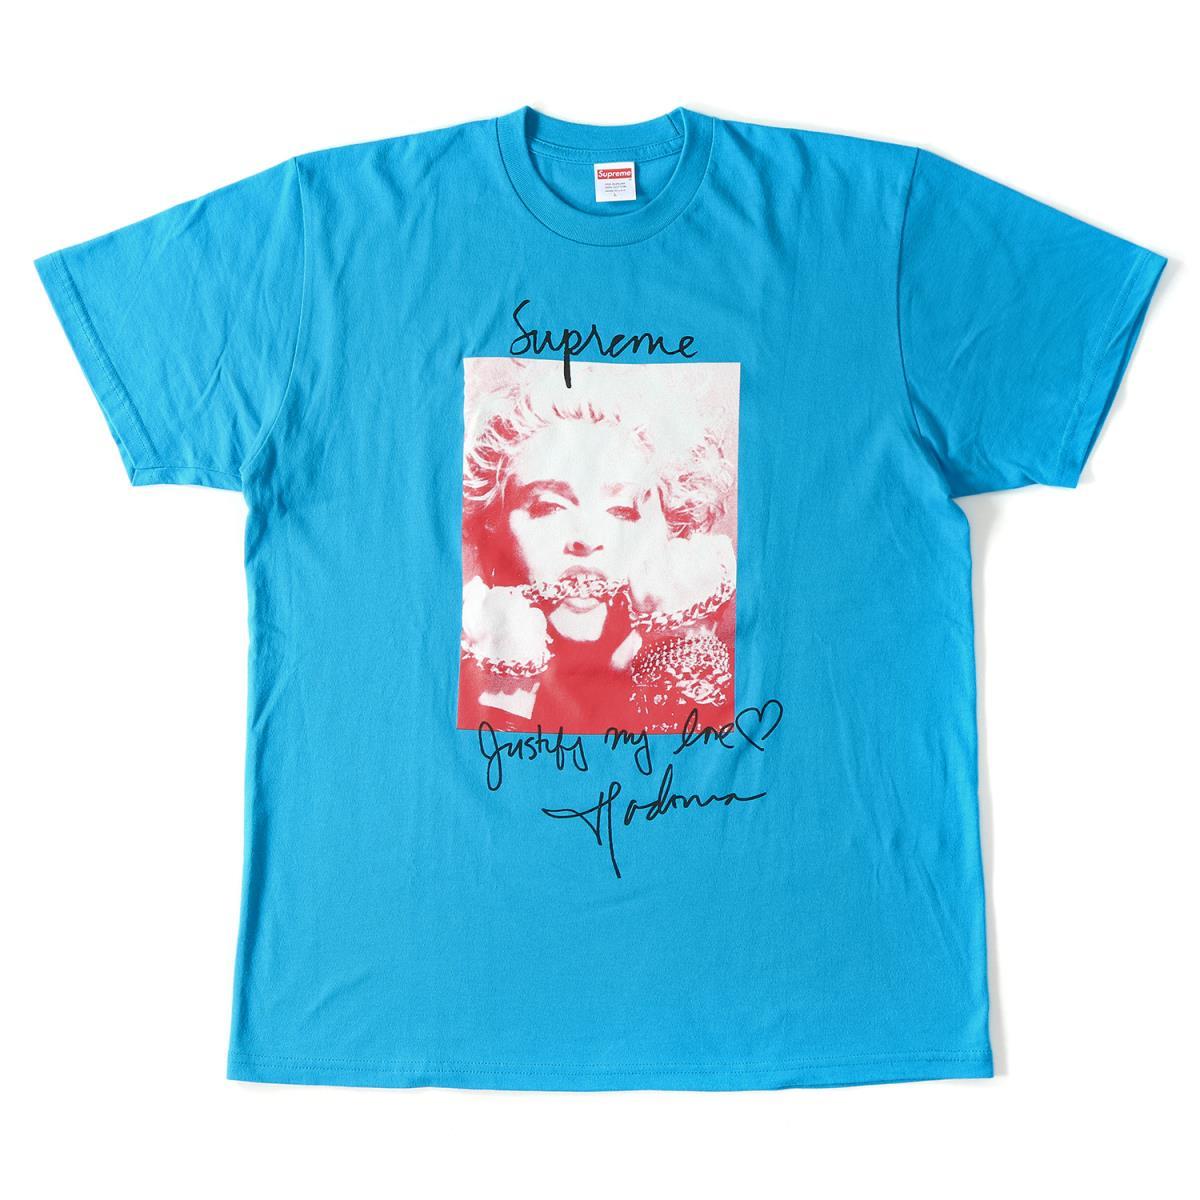 Supreme (シュプリーム) 18A/W マドンナ フォト Tシャツ (Madonna Tee) ブライトブルー L 【美品】【メンズ】【K2033】【中古】【あす楽☆対応可】